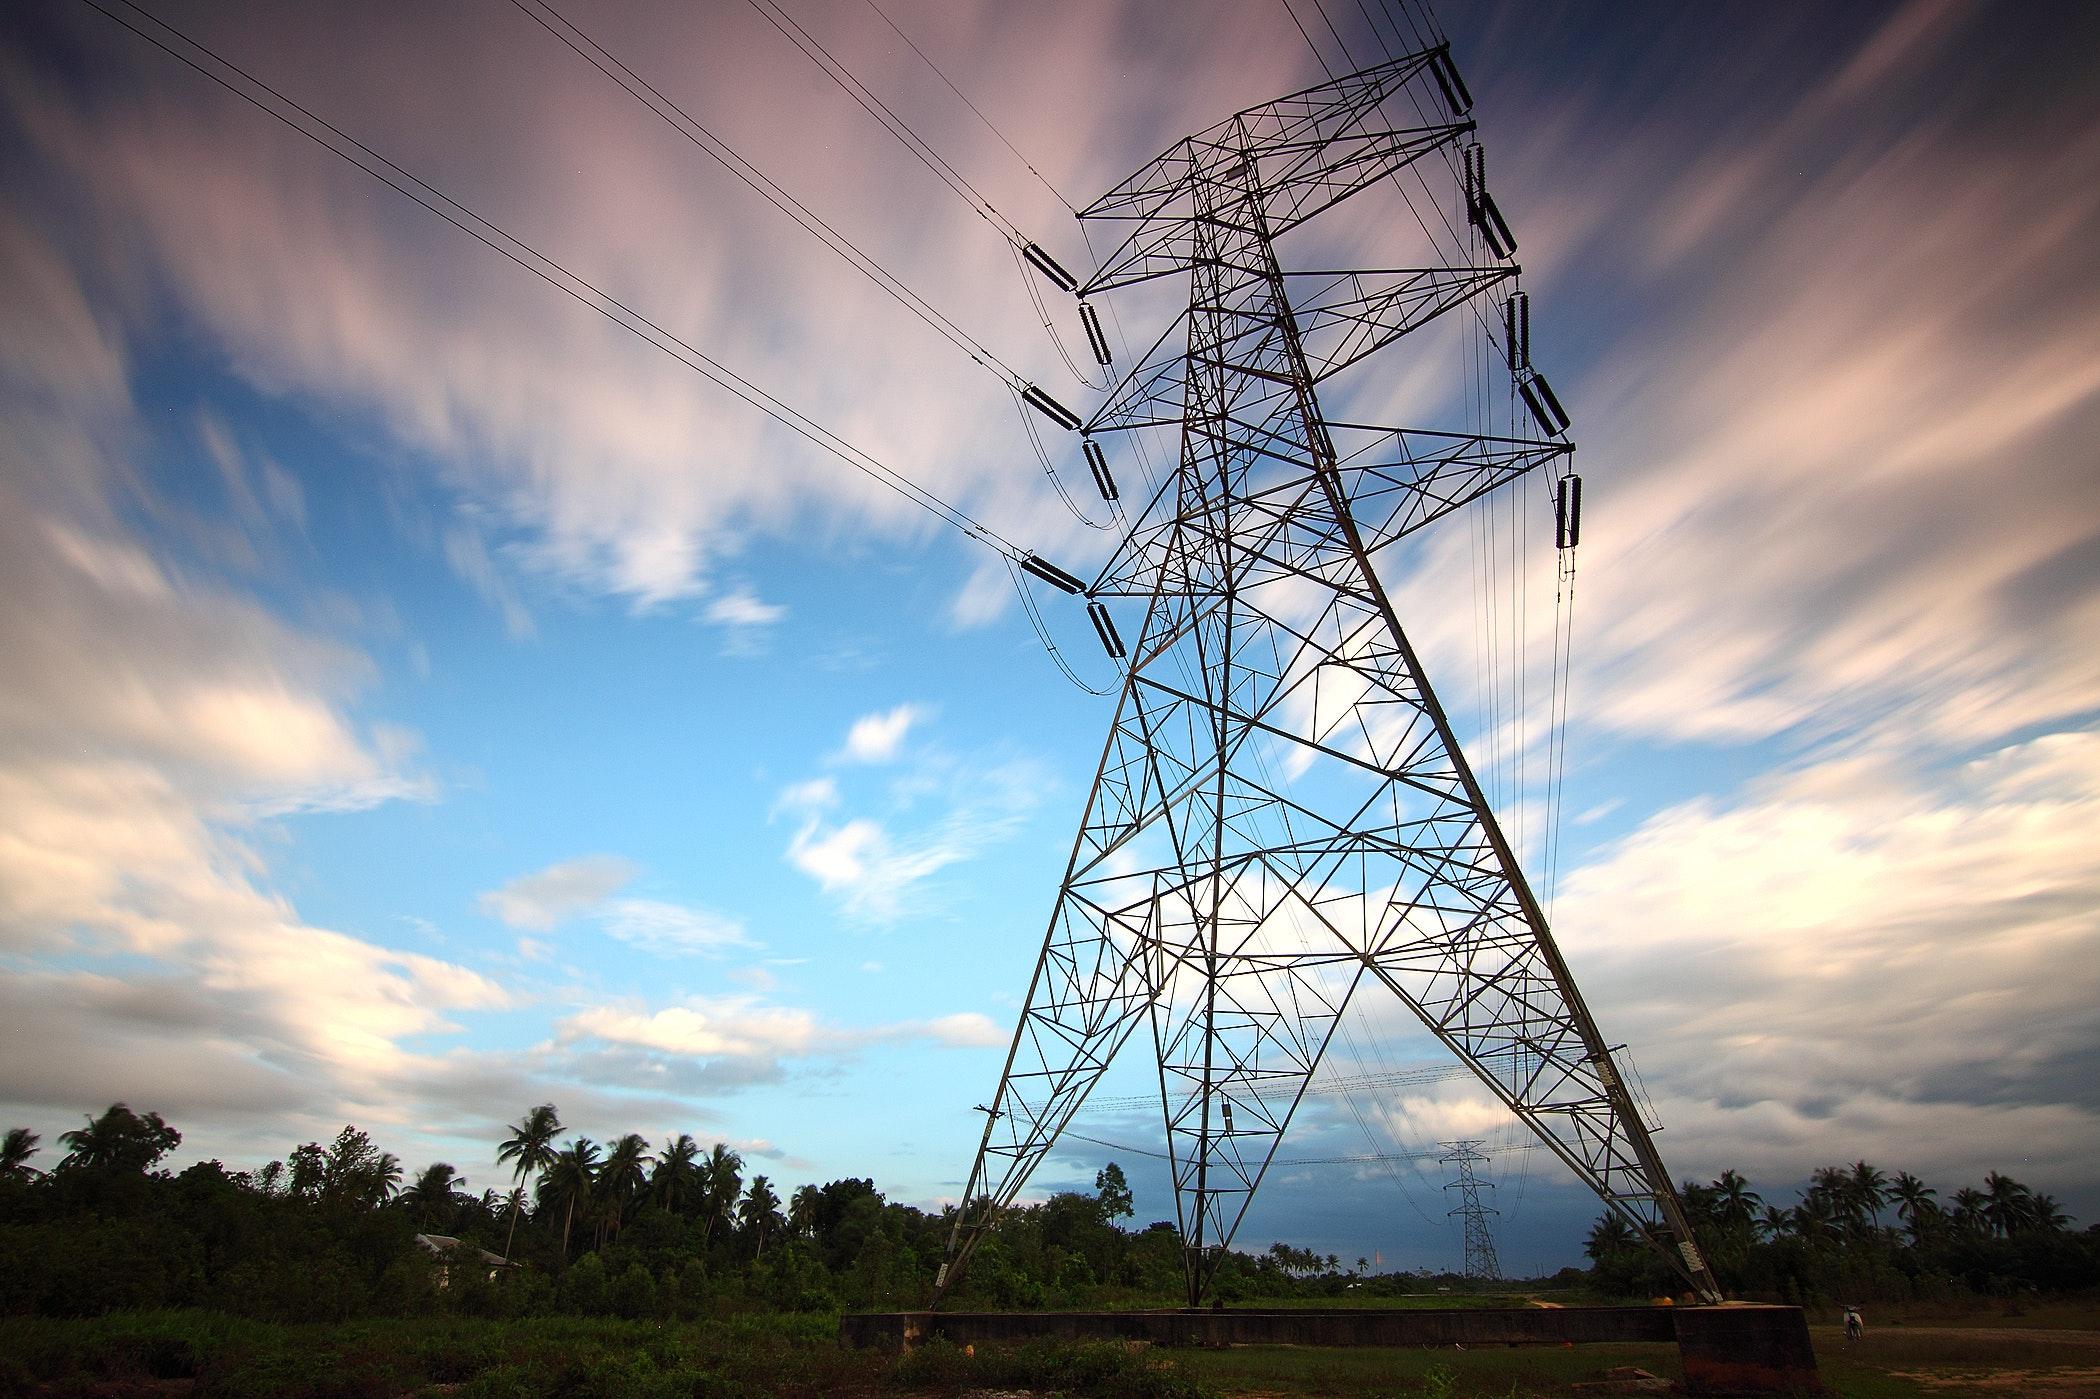 יש חשמל באוויר – צריכת אנרגיה ברשת הביטקוין